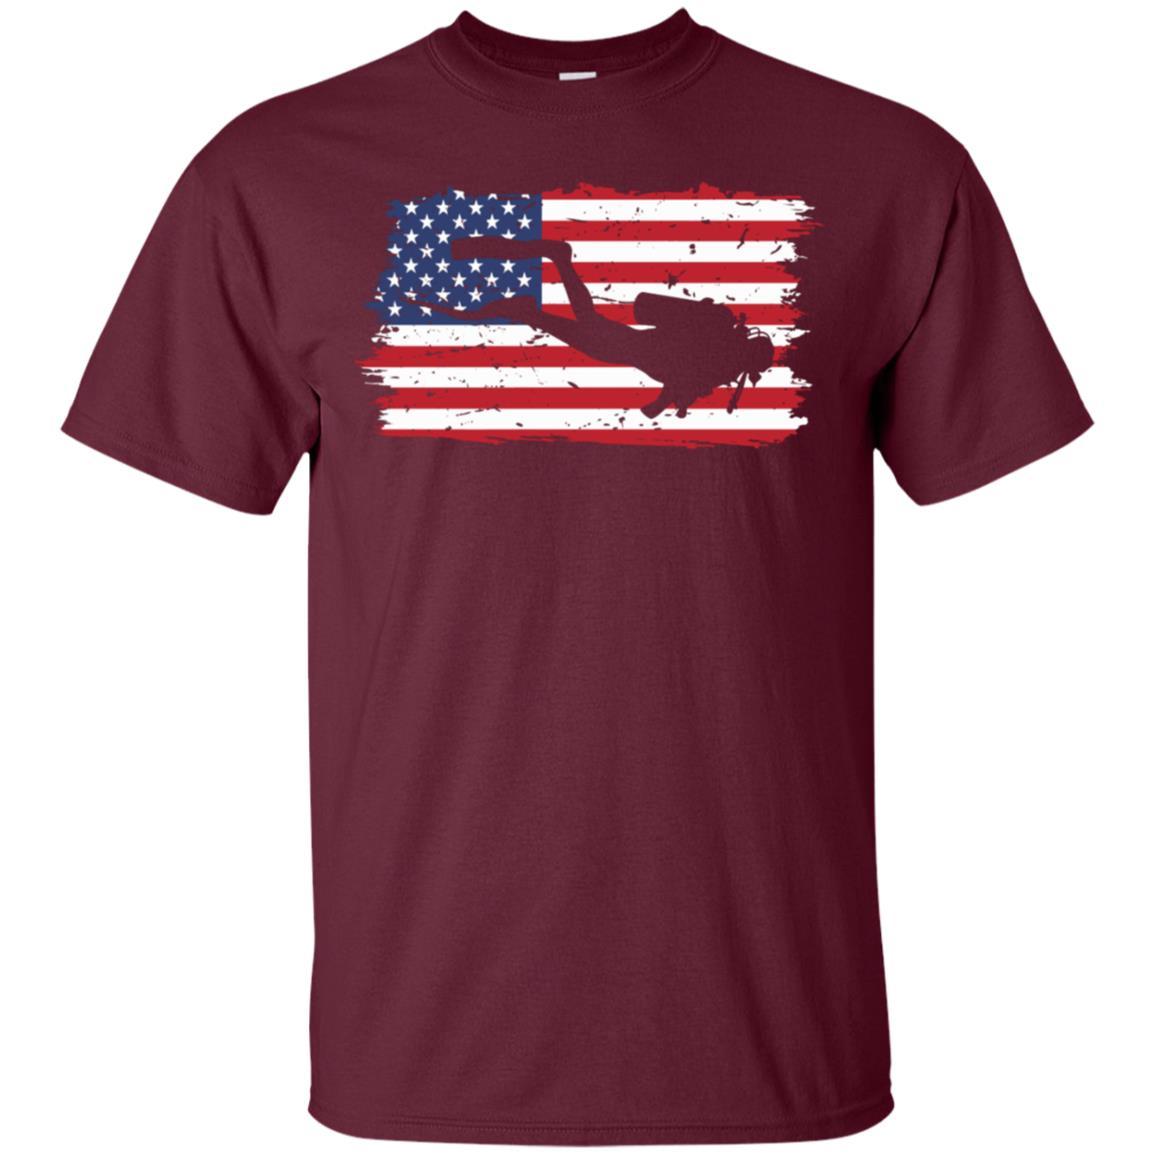 Patriotic Us Flag Scuba Diving Long Unisex Men Women Unisex Short Sleeve